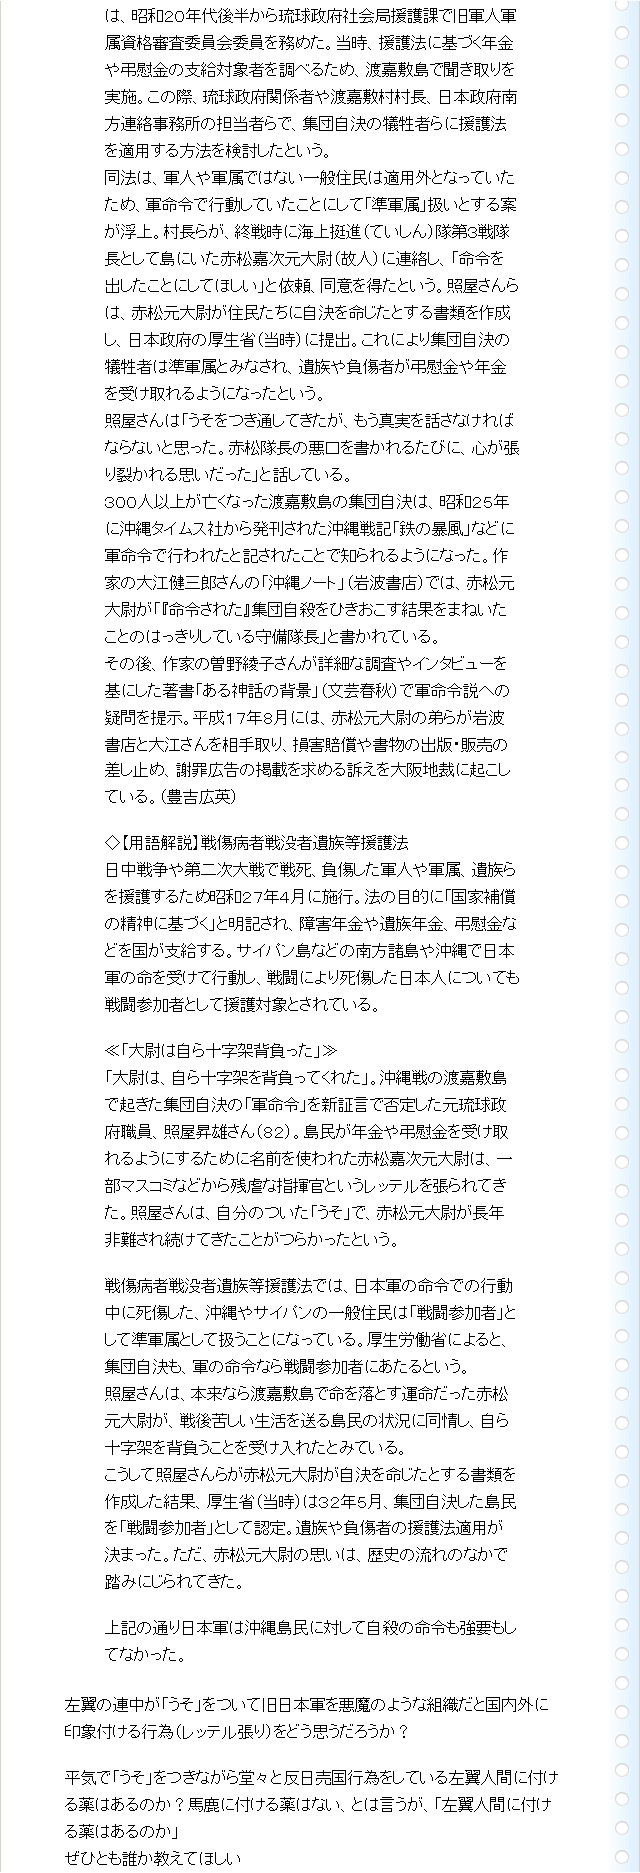 本土と沖縄県民の溝を深める為のプロパガンダ放送するNHKのウソを暴く5